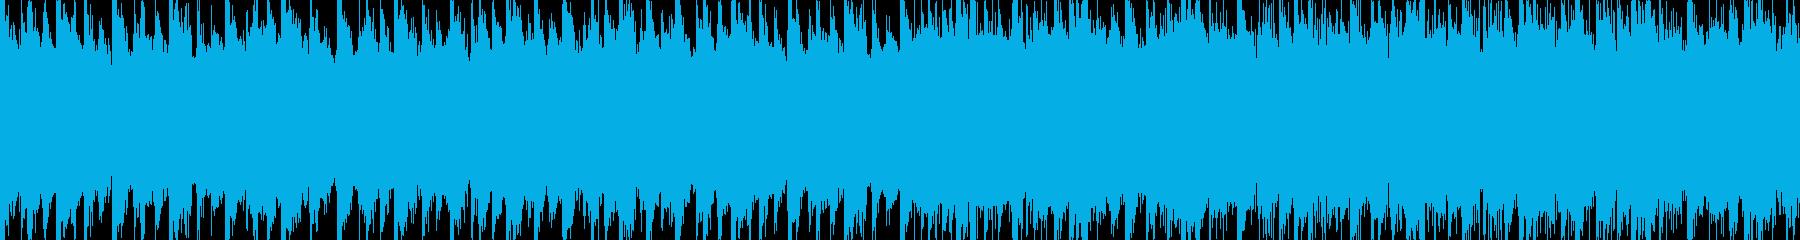 スケールの大きいピアノメインのBGMの再生済みの波形